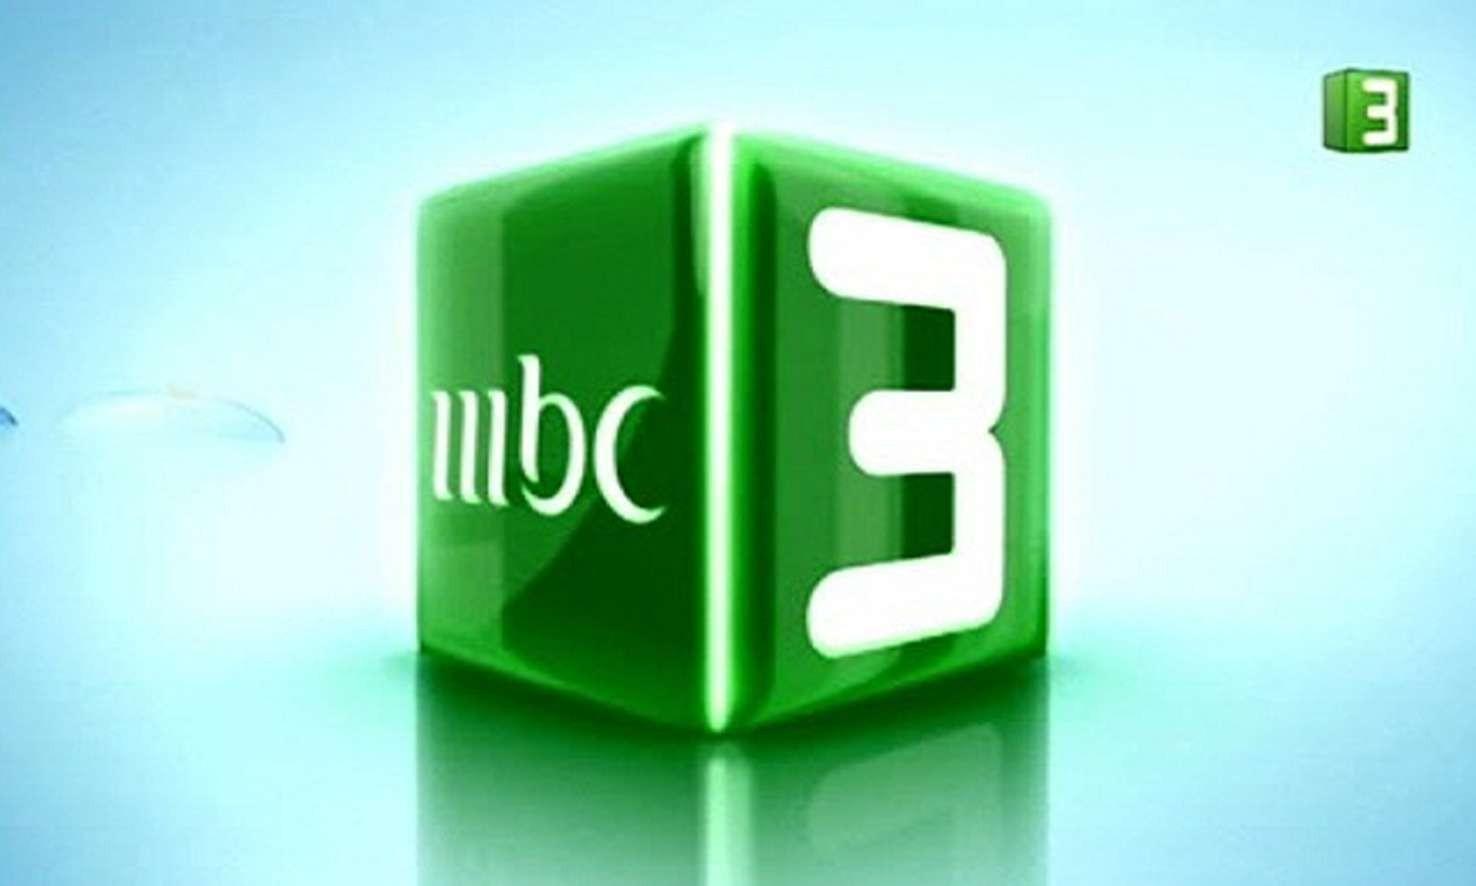 تردد قناة ام بي سي 3 للأطفال على نايل سات لمشاهدة أقوى أفلام الكرتون وبرامج الأطفال